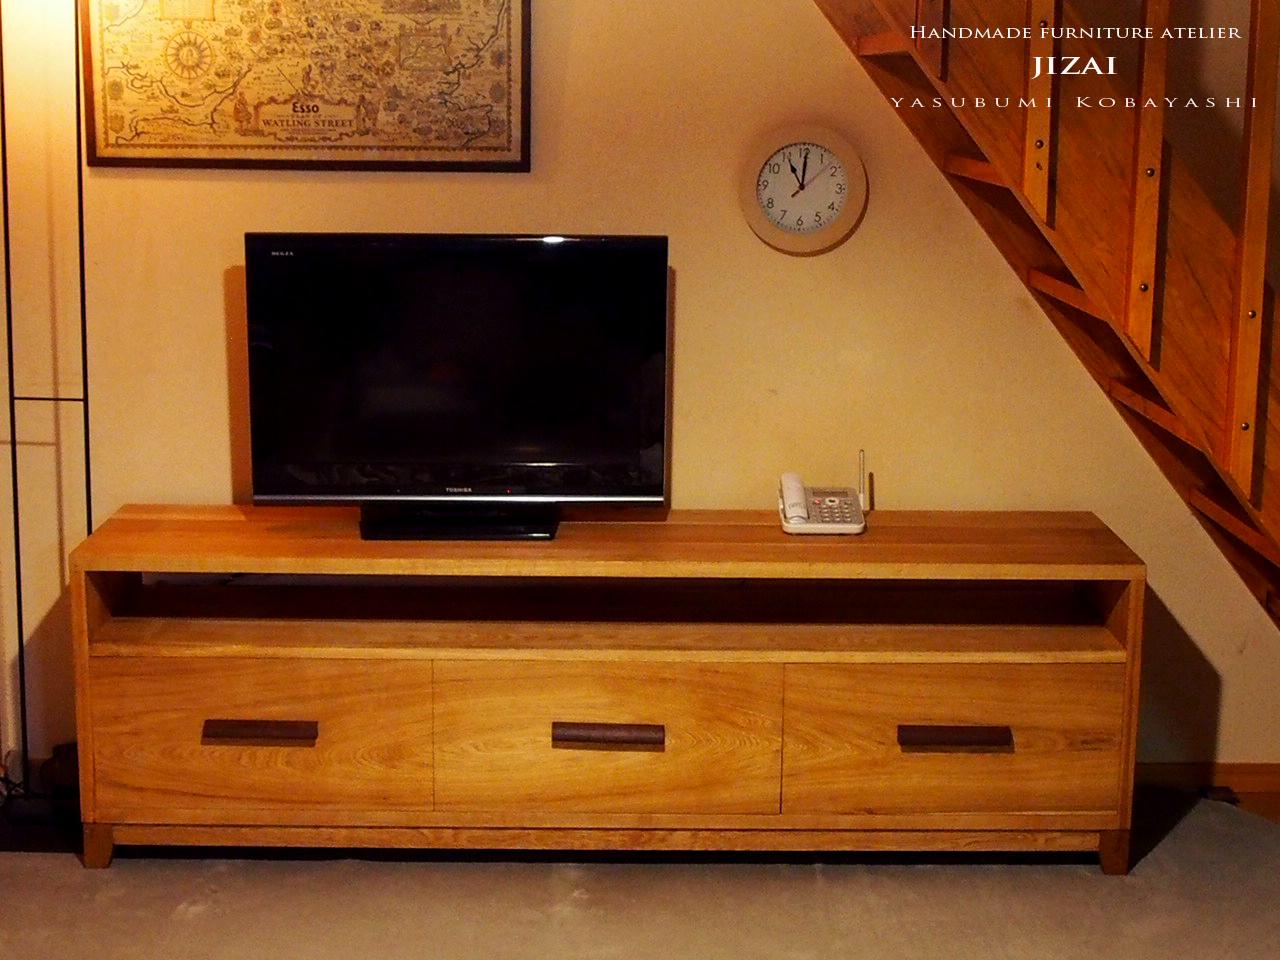 テレビ台 那須高原 じざい工房 小林康文の素材を活かす家具づくり